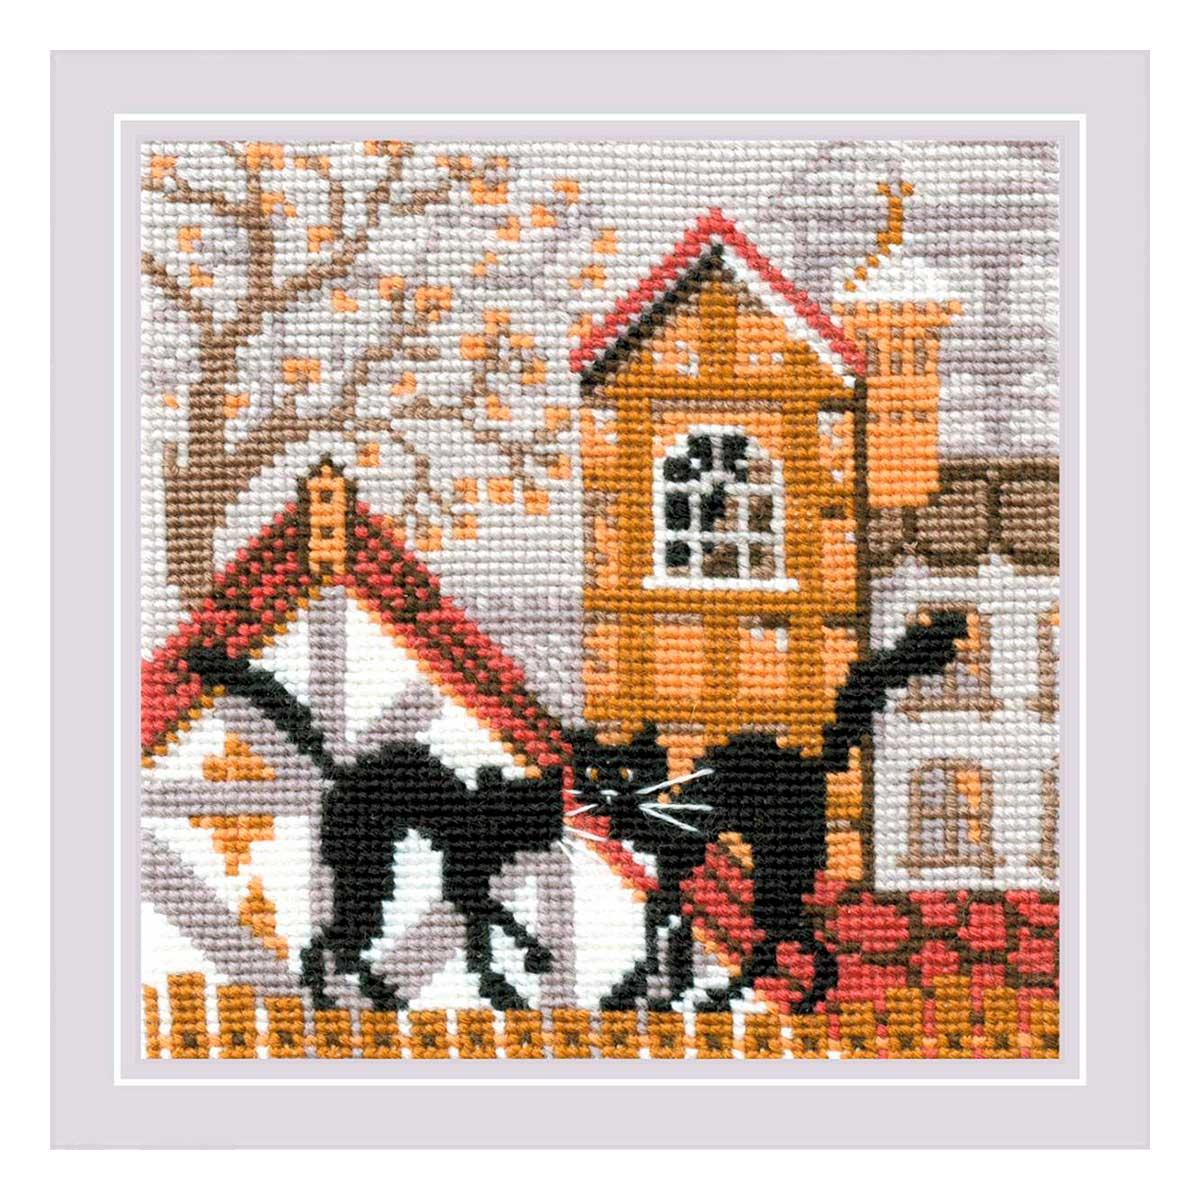 613 Набор для вышивания Riolis 'Город и кошки. Осень', 13*13 см фото